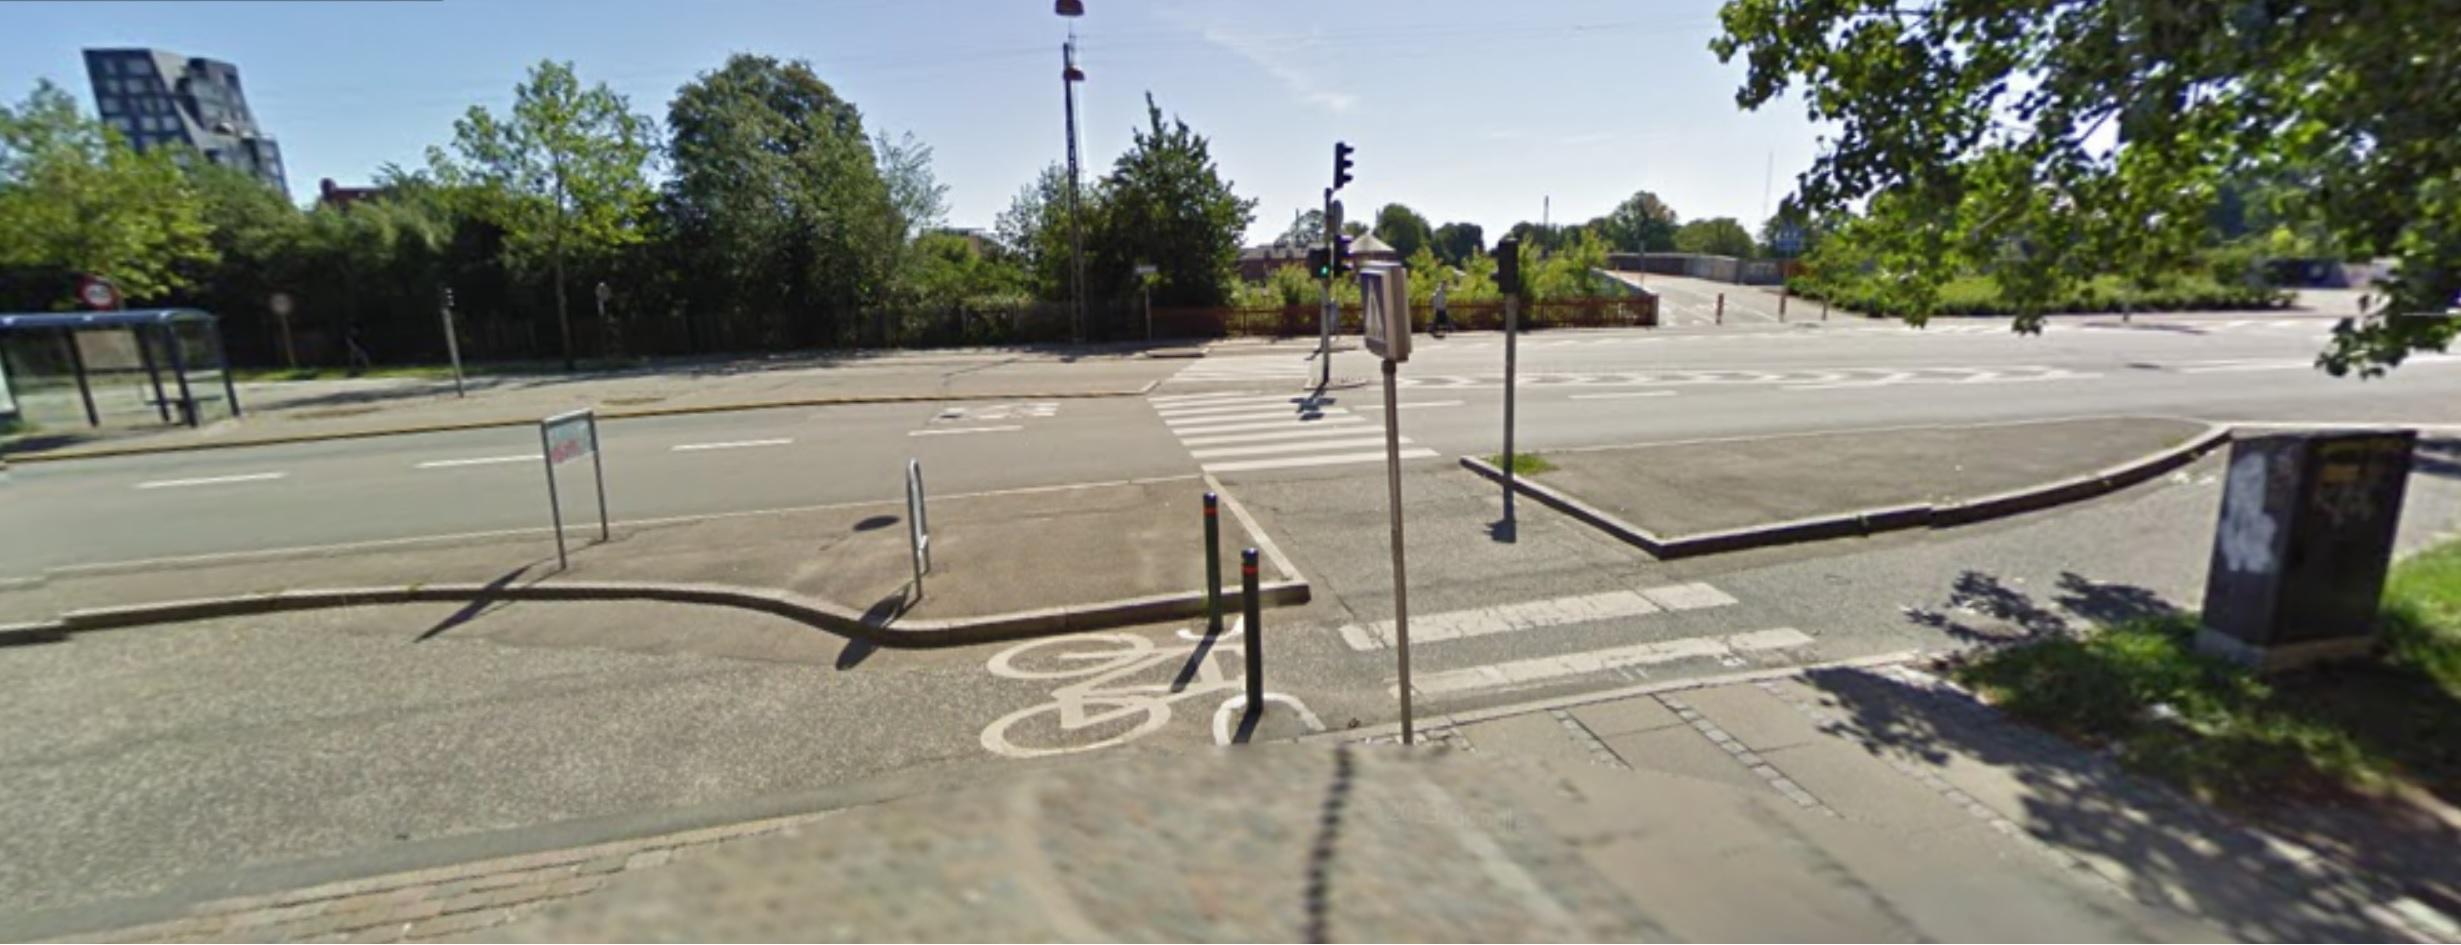 Copenhagen Street Crossing